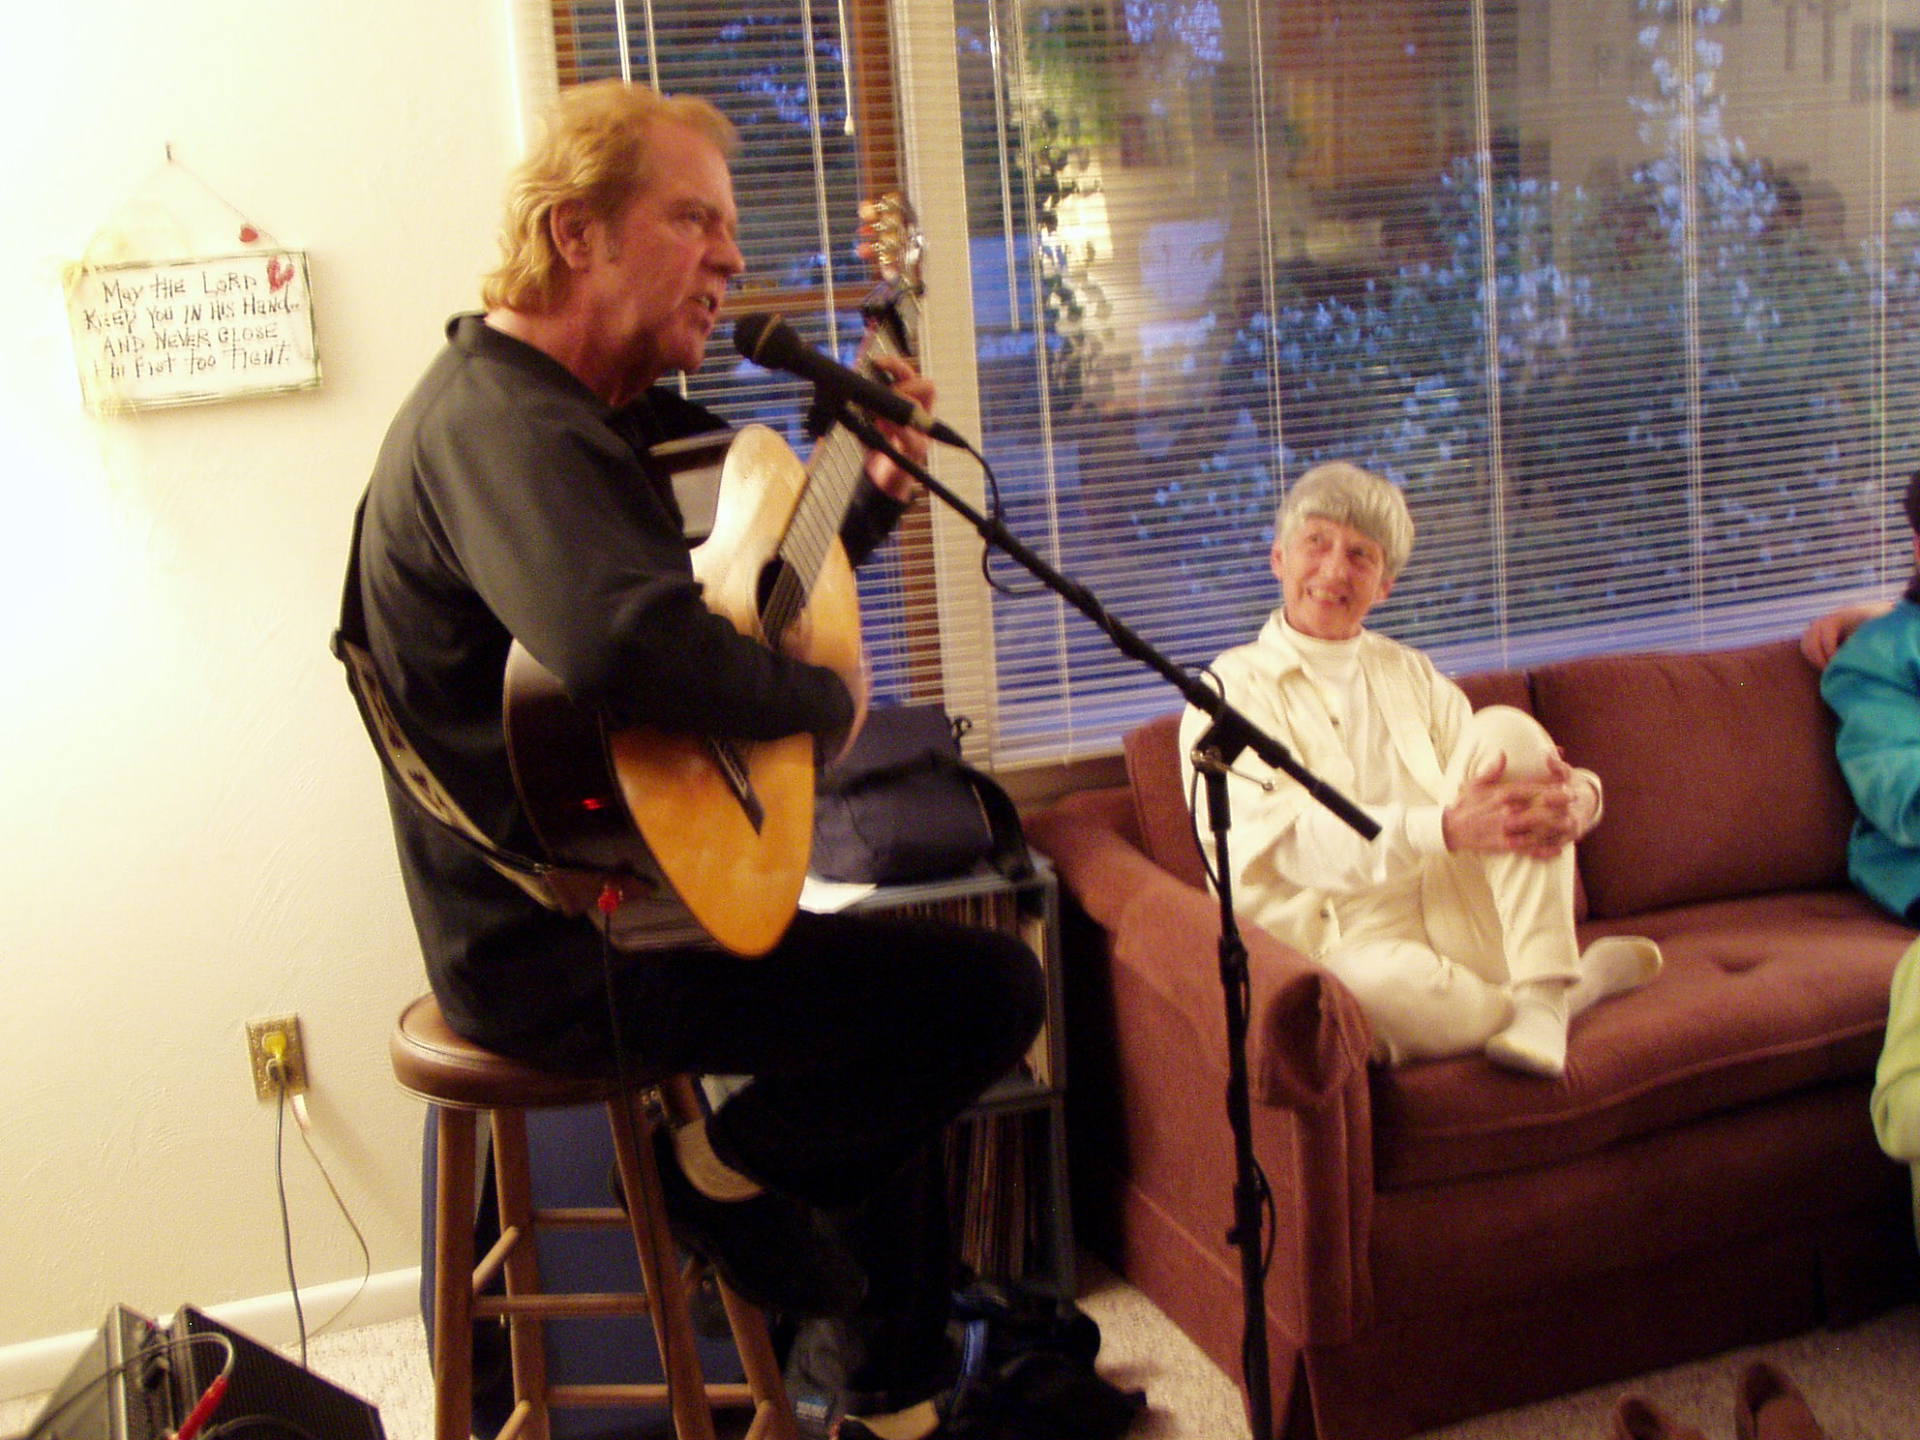 Gayle enjoying our favorite musician